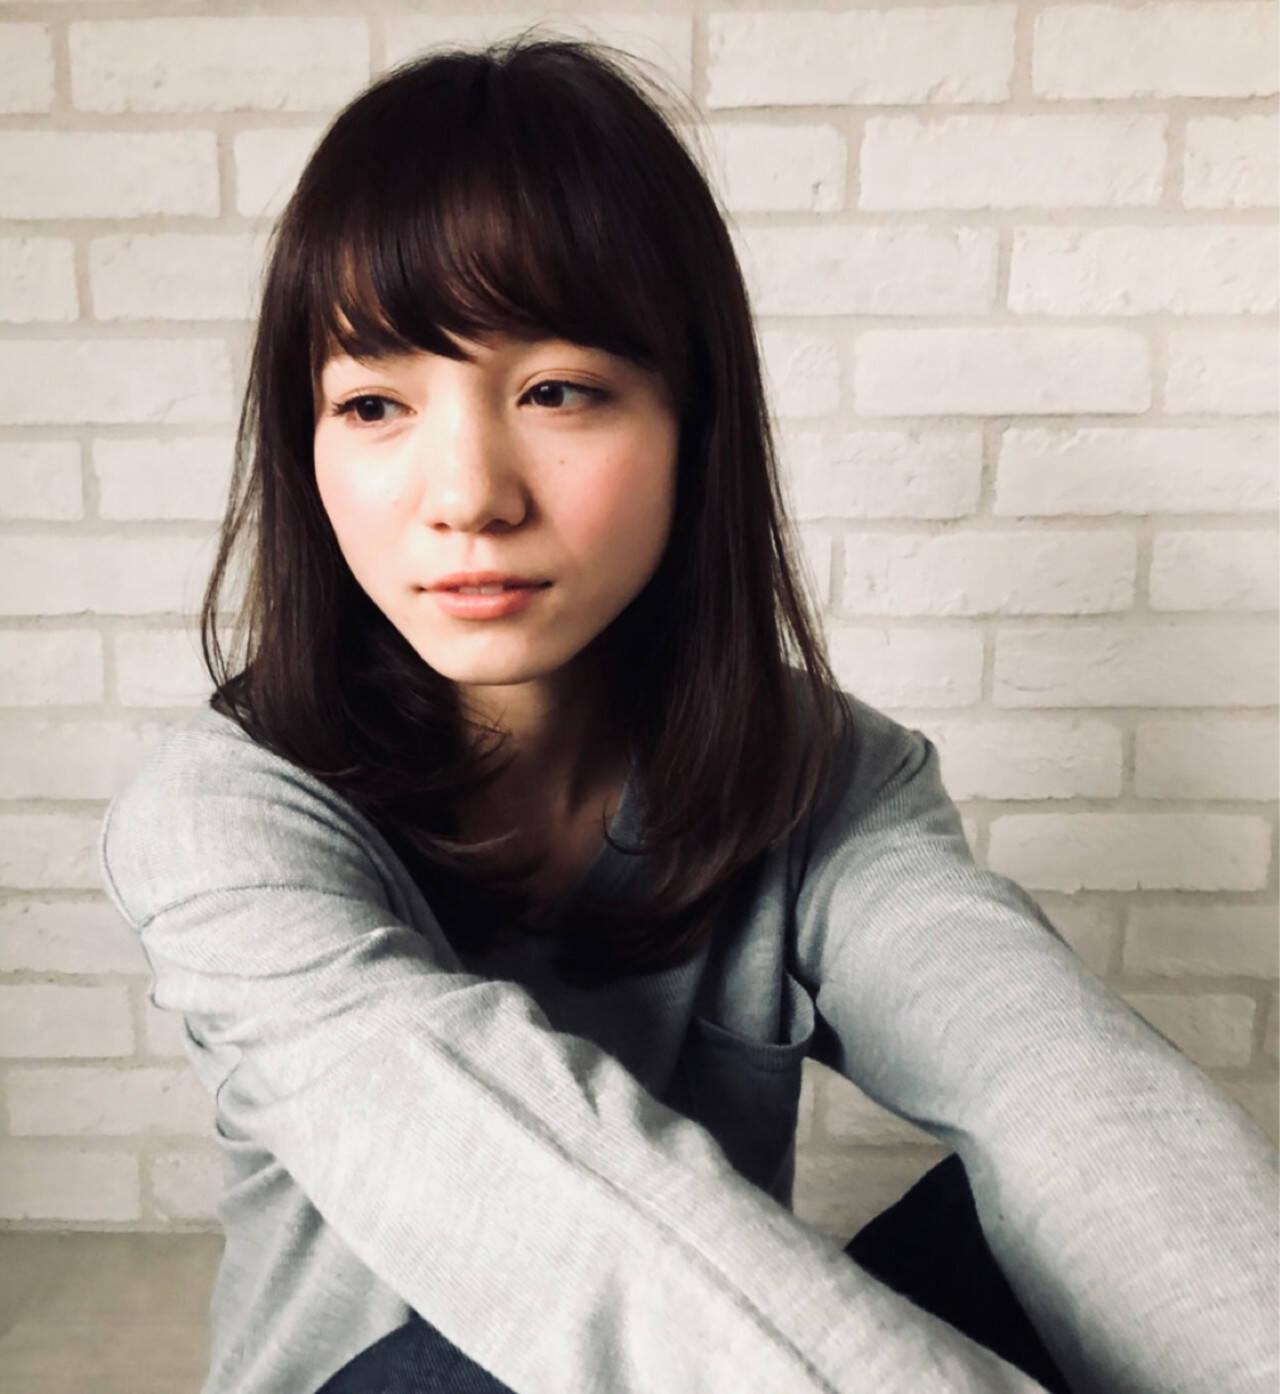 ミディアム アンニュイ 簡単ヘアアレンジ オフィスヘアスタイルや髪型の写真・画像